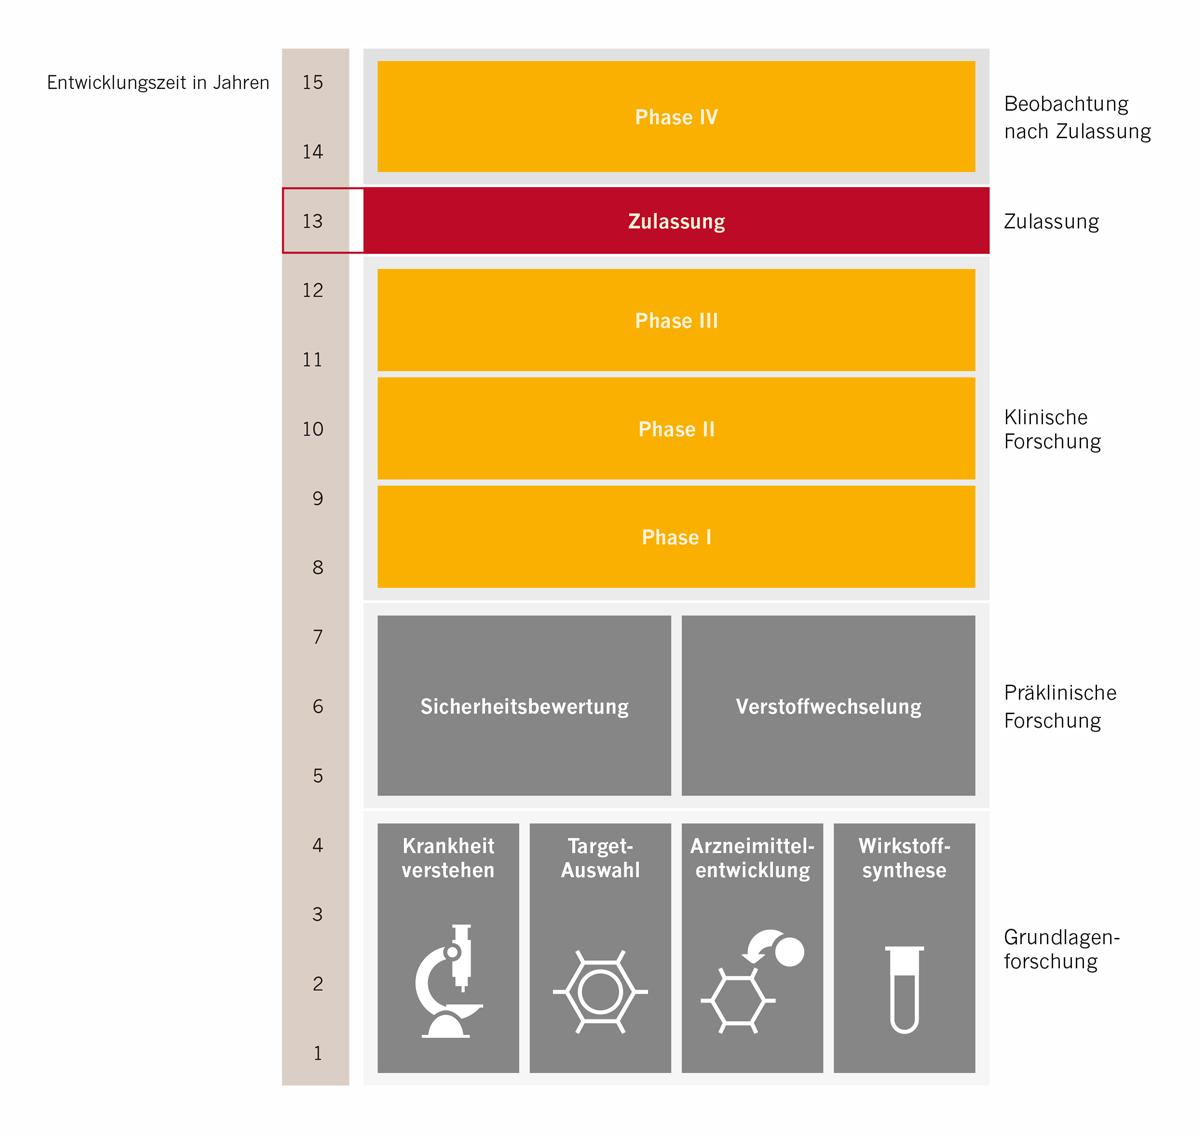 Grafik Phasen in der Entwicklung eines Medikaments - Klinische Forschung Novartis